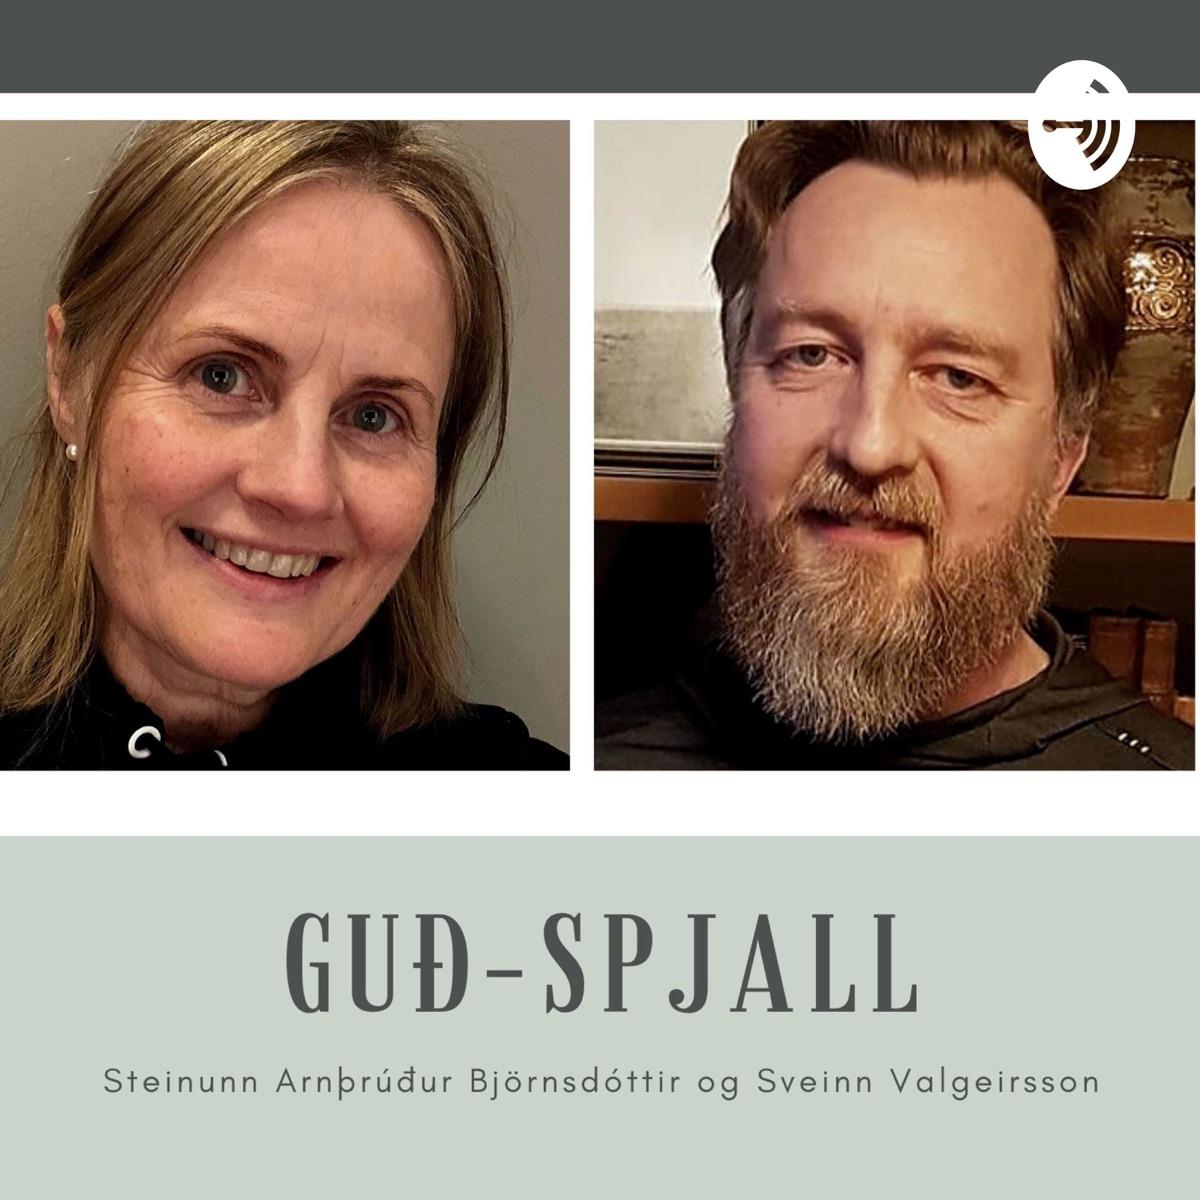 Guð-spjall